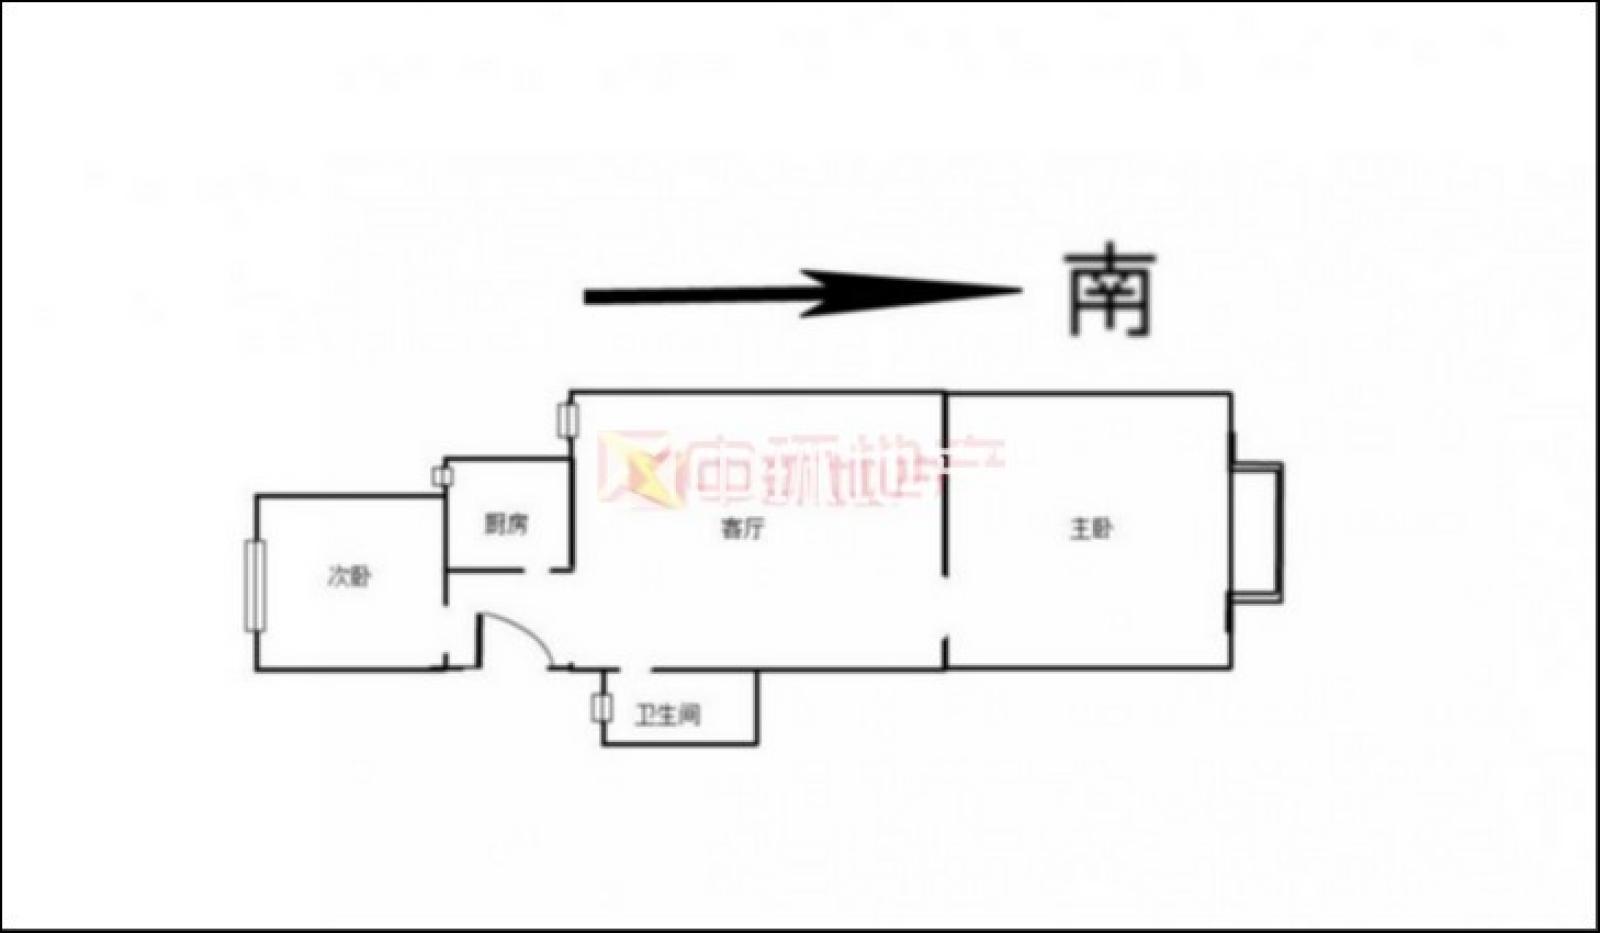 户型 户型图 平面图 1600_933